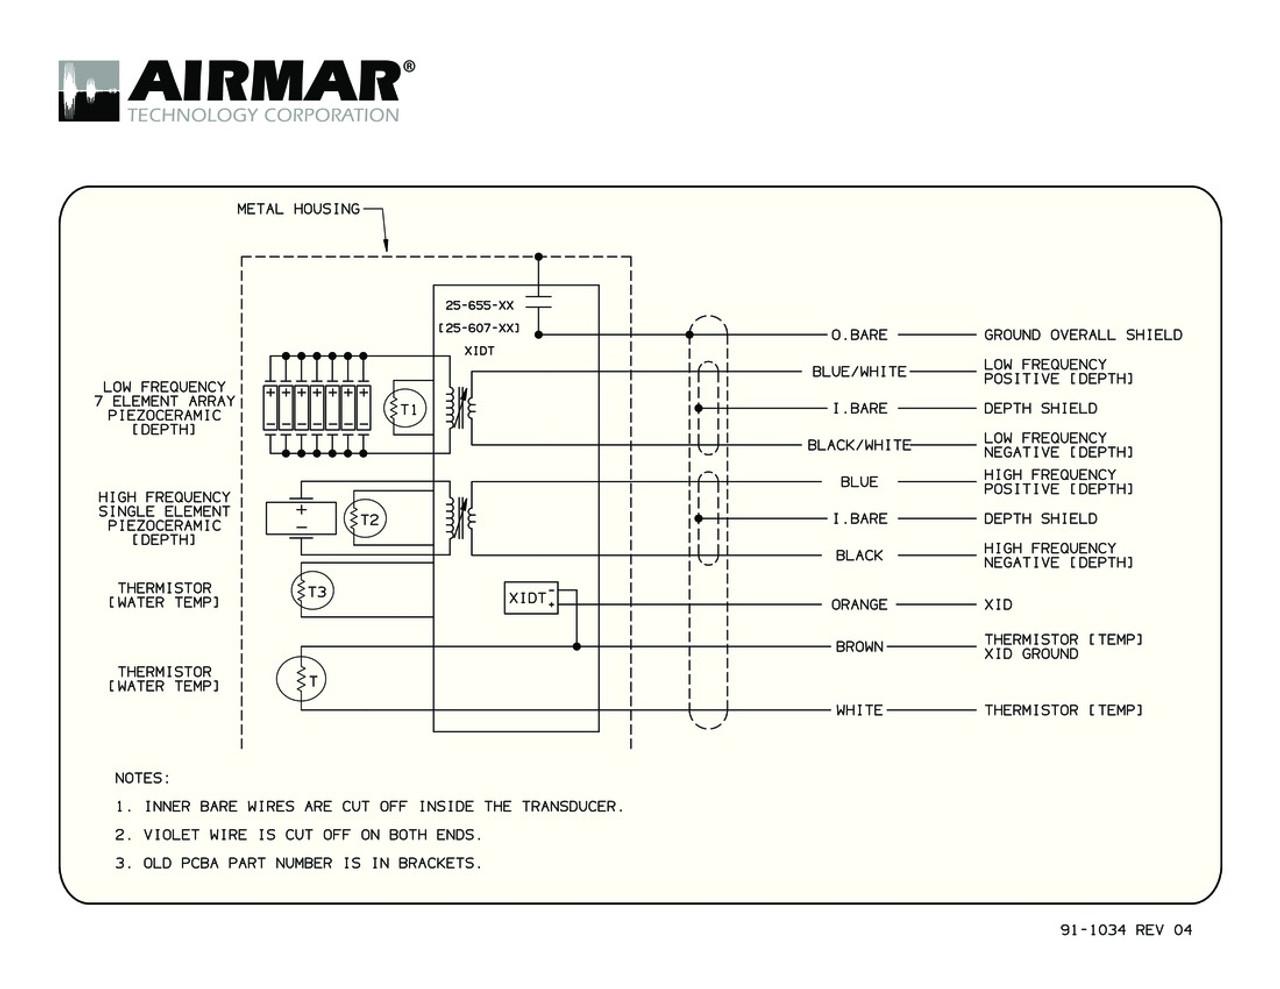 garmin 6 pin transducer wiring diagram kenwood kdc 210u library